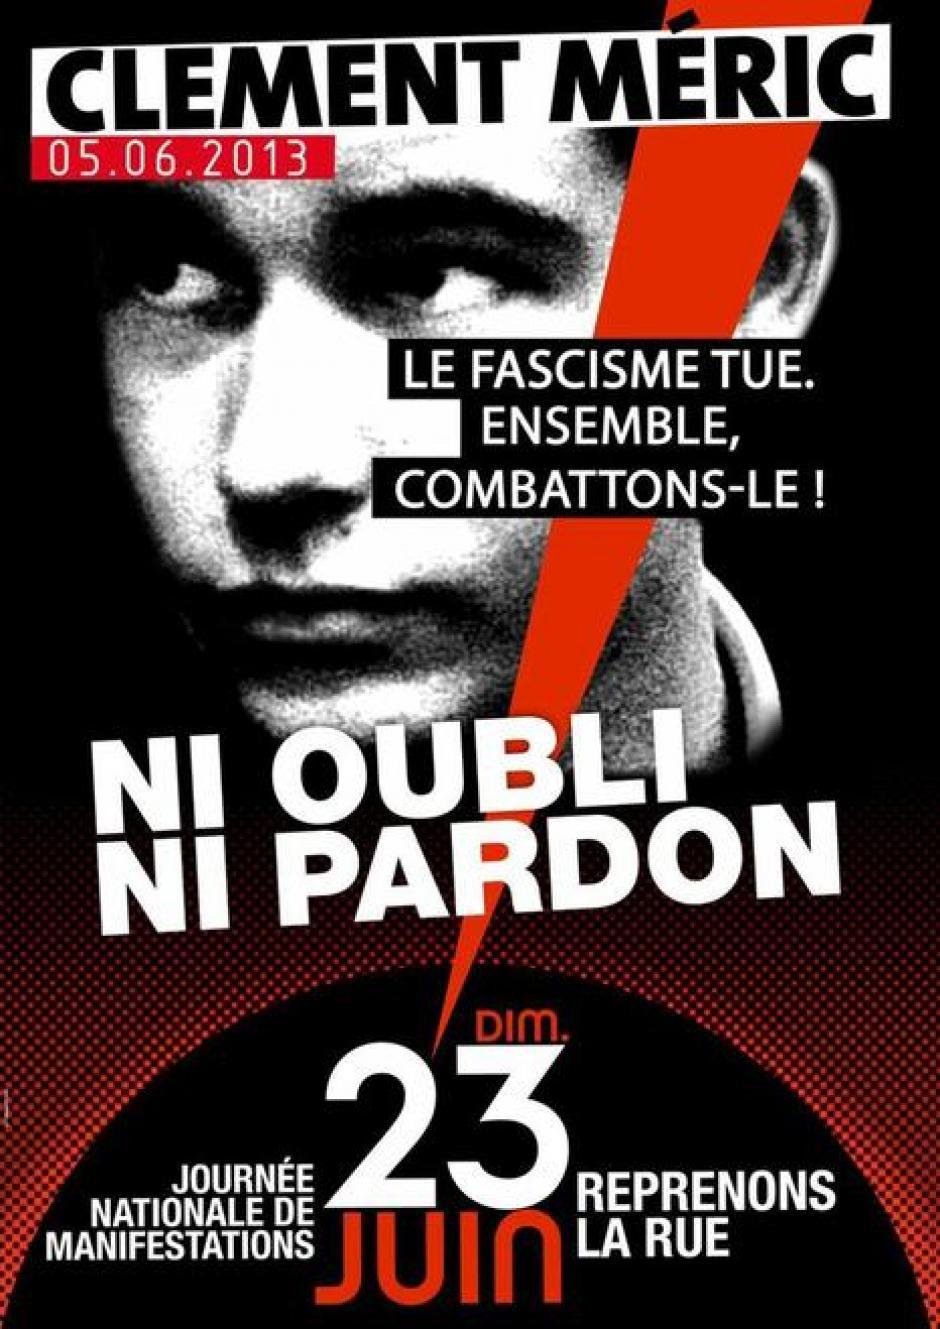 23 juin, Paris - Manifestation « Clément Méric, ni oubli ni pardon »